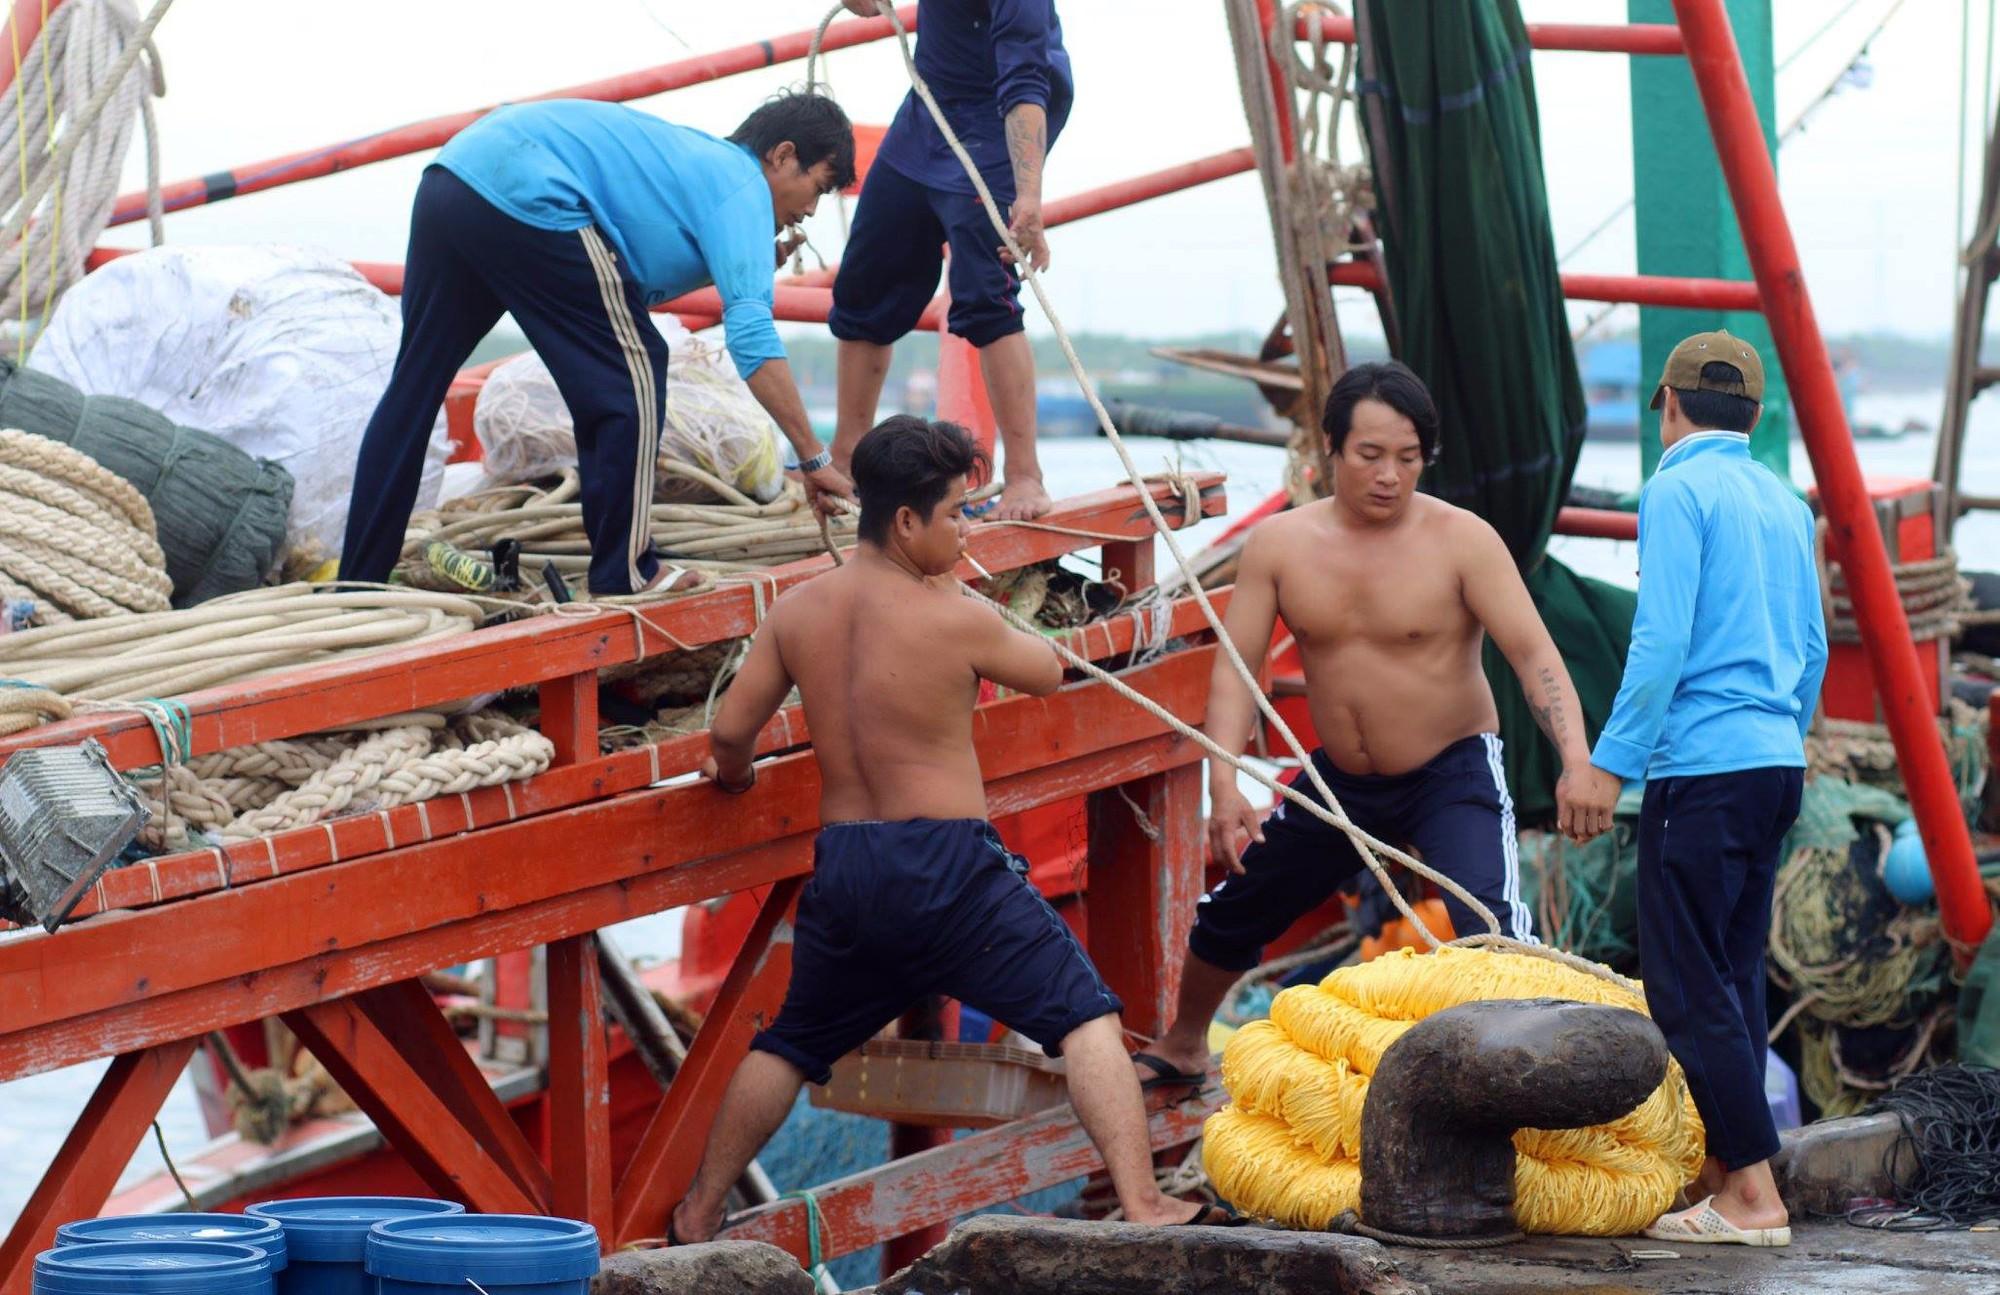 Du khách bất chấp cảnh báo, liều lĩnh tắm biển Vũng Tàu trước giờ bão nổi - Ảnh 3.